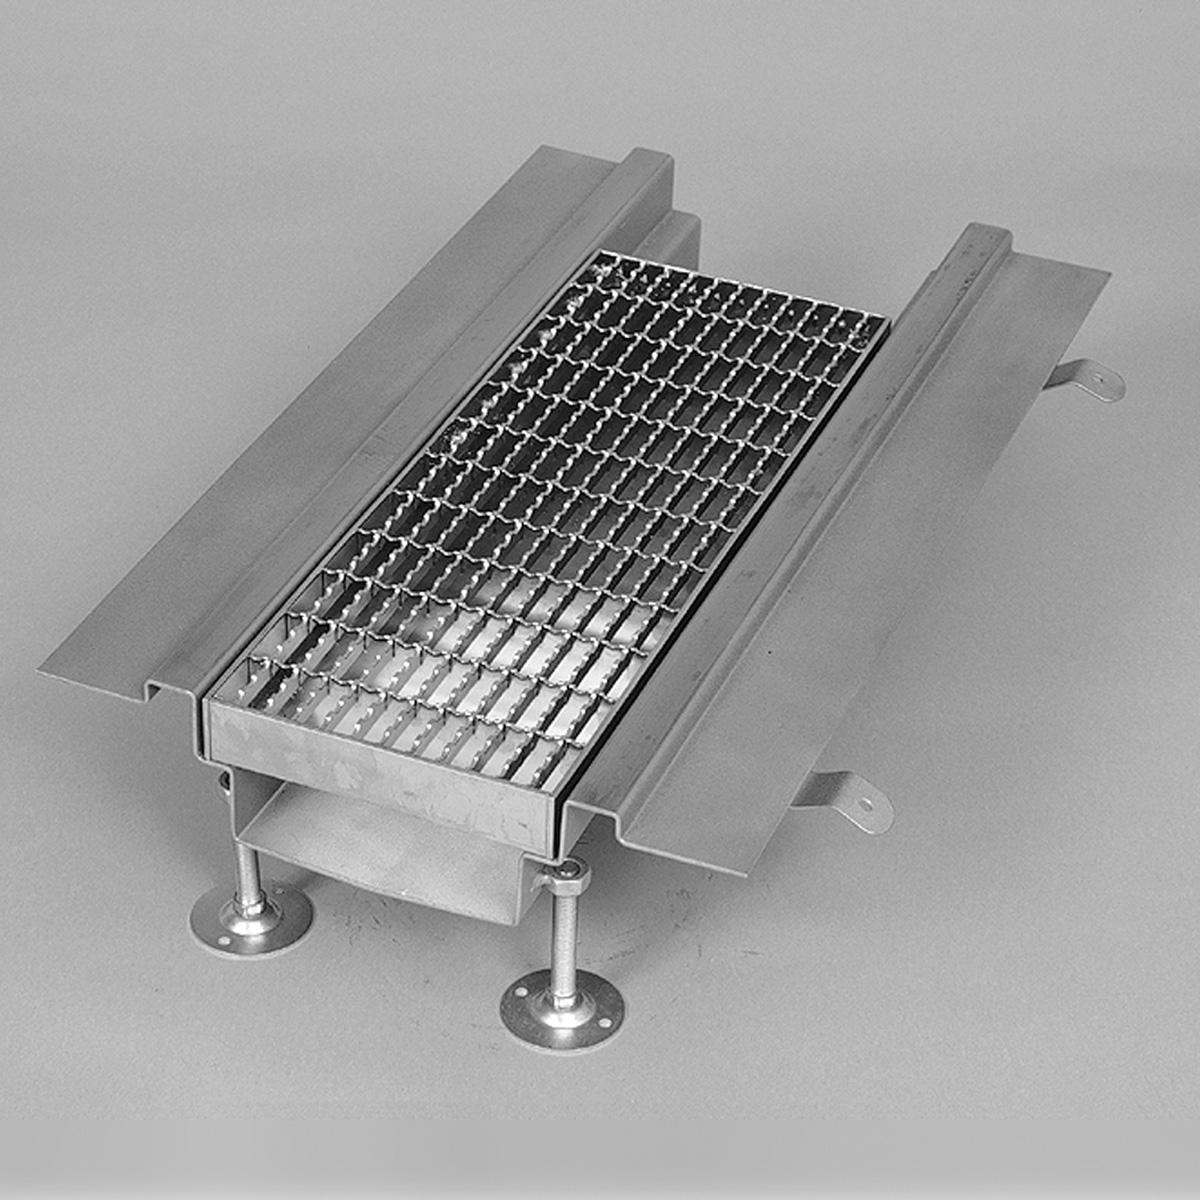 rutschfeste Gummil/äufer als Meterware f/ür die Industrie Isolierende in verschiedenen Modellen und Gr/ö/ßen.